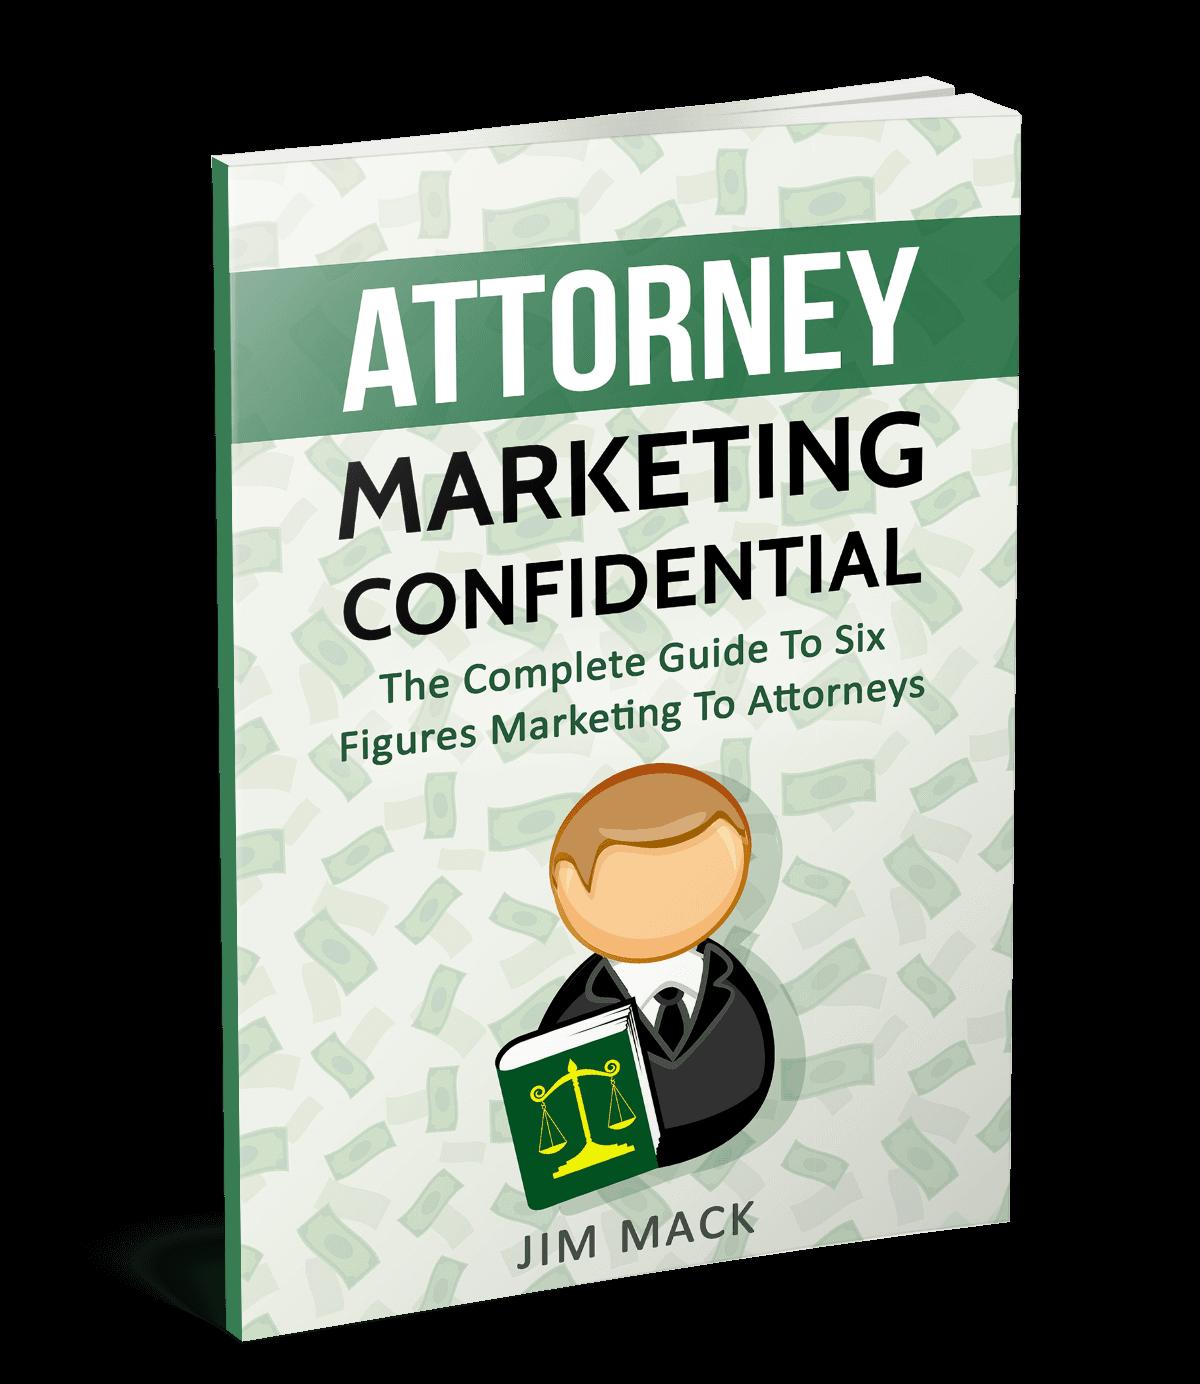 律师营销机密 - 外包、设置和忘记是很简单的,漂亮的东西是客户每个月都付给你钱(Attorney Marketing Confidential)